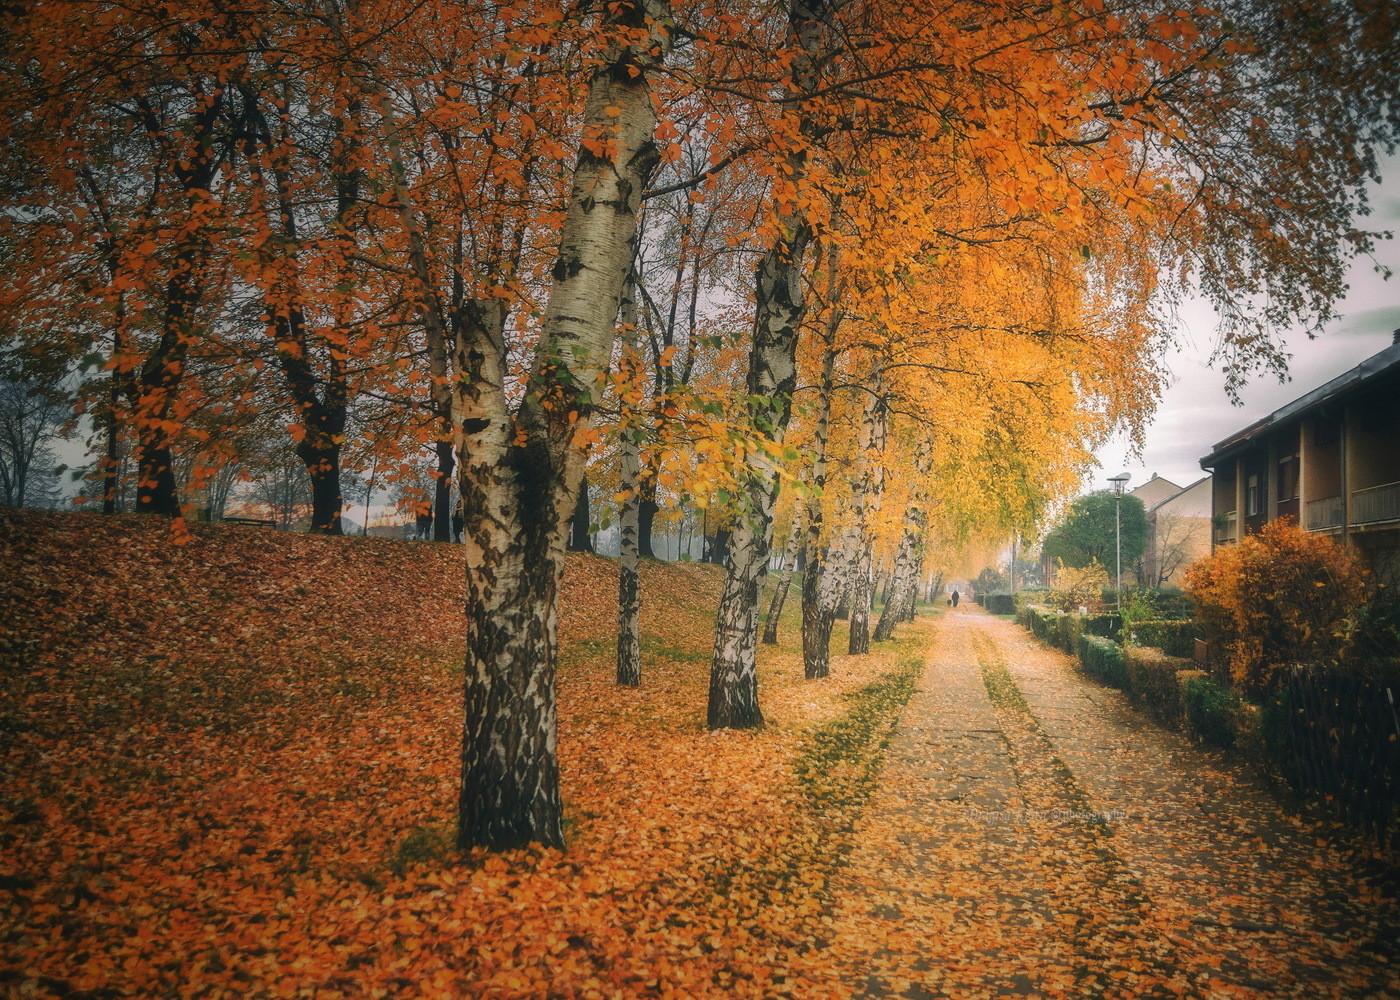 Putem jeseni...